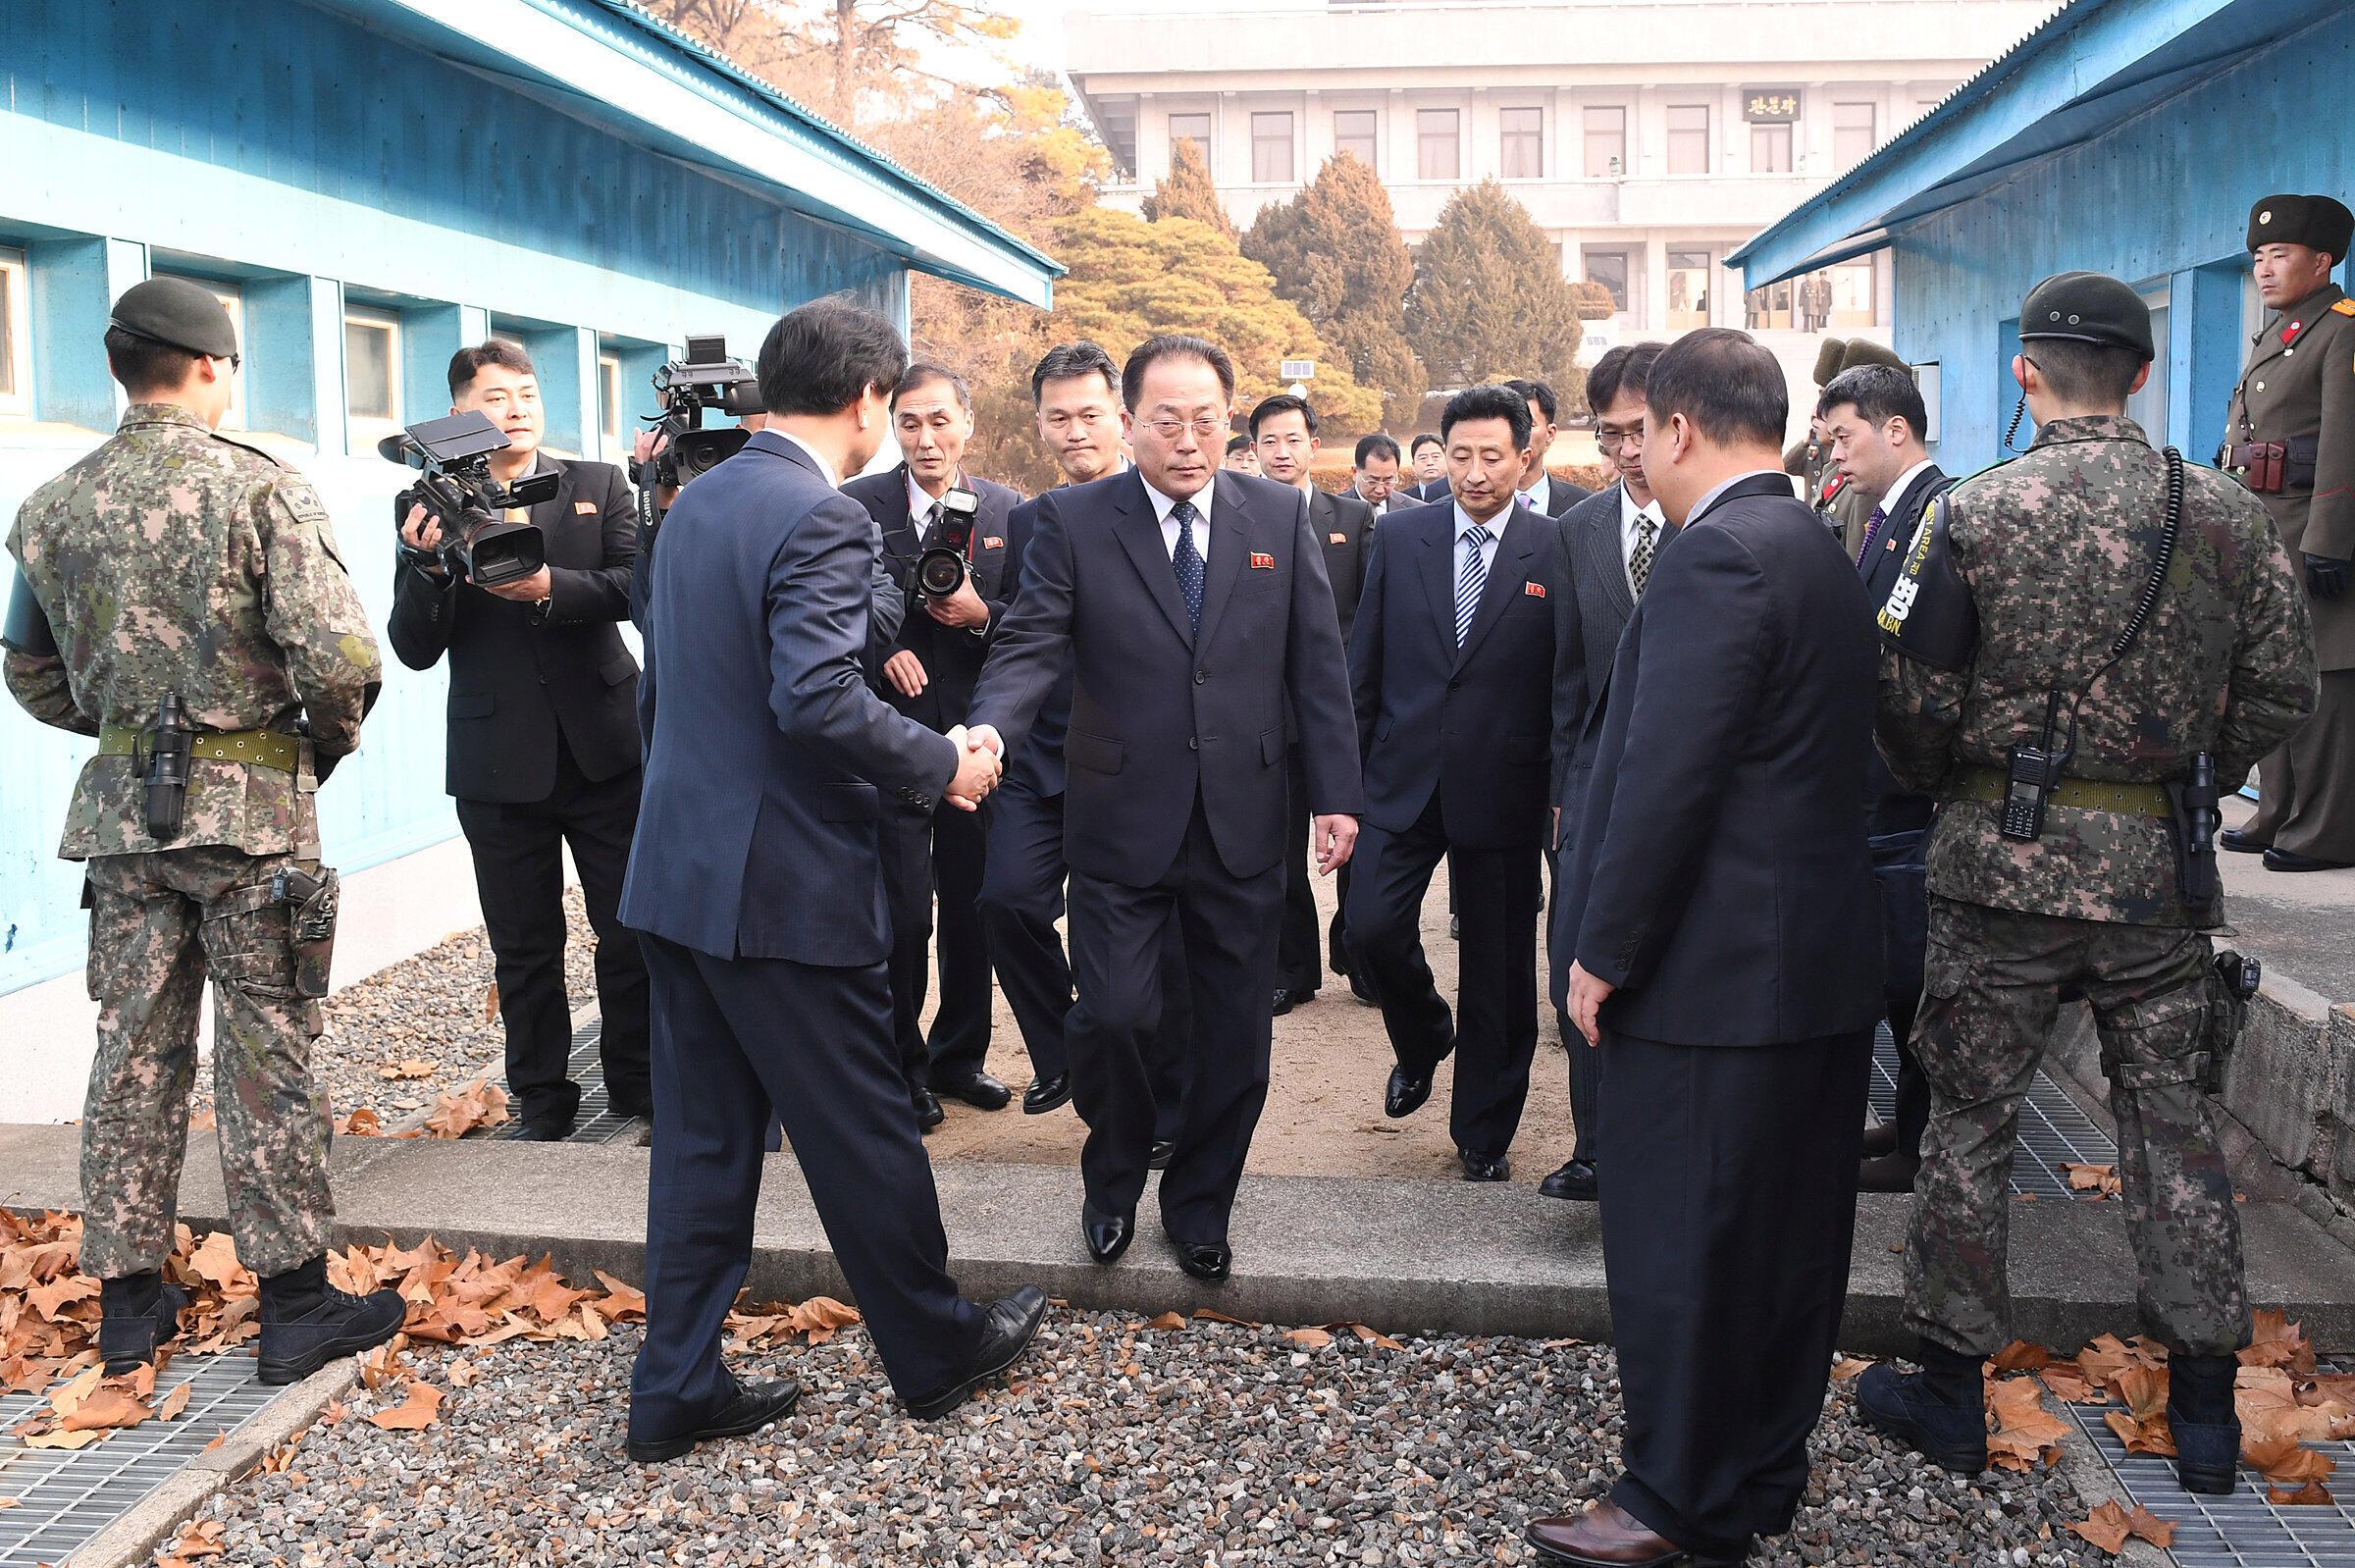 Phái đoàn Bắc Triều Tiên qua giới tuyến hai miền đển hội đàm với Hàn Quốc tại Bàn Môn Điếm chuẩn bị cho việc tham gia Olympic Pyeongchang 2018, ngày 17/01/2018.